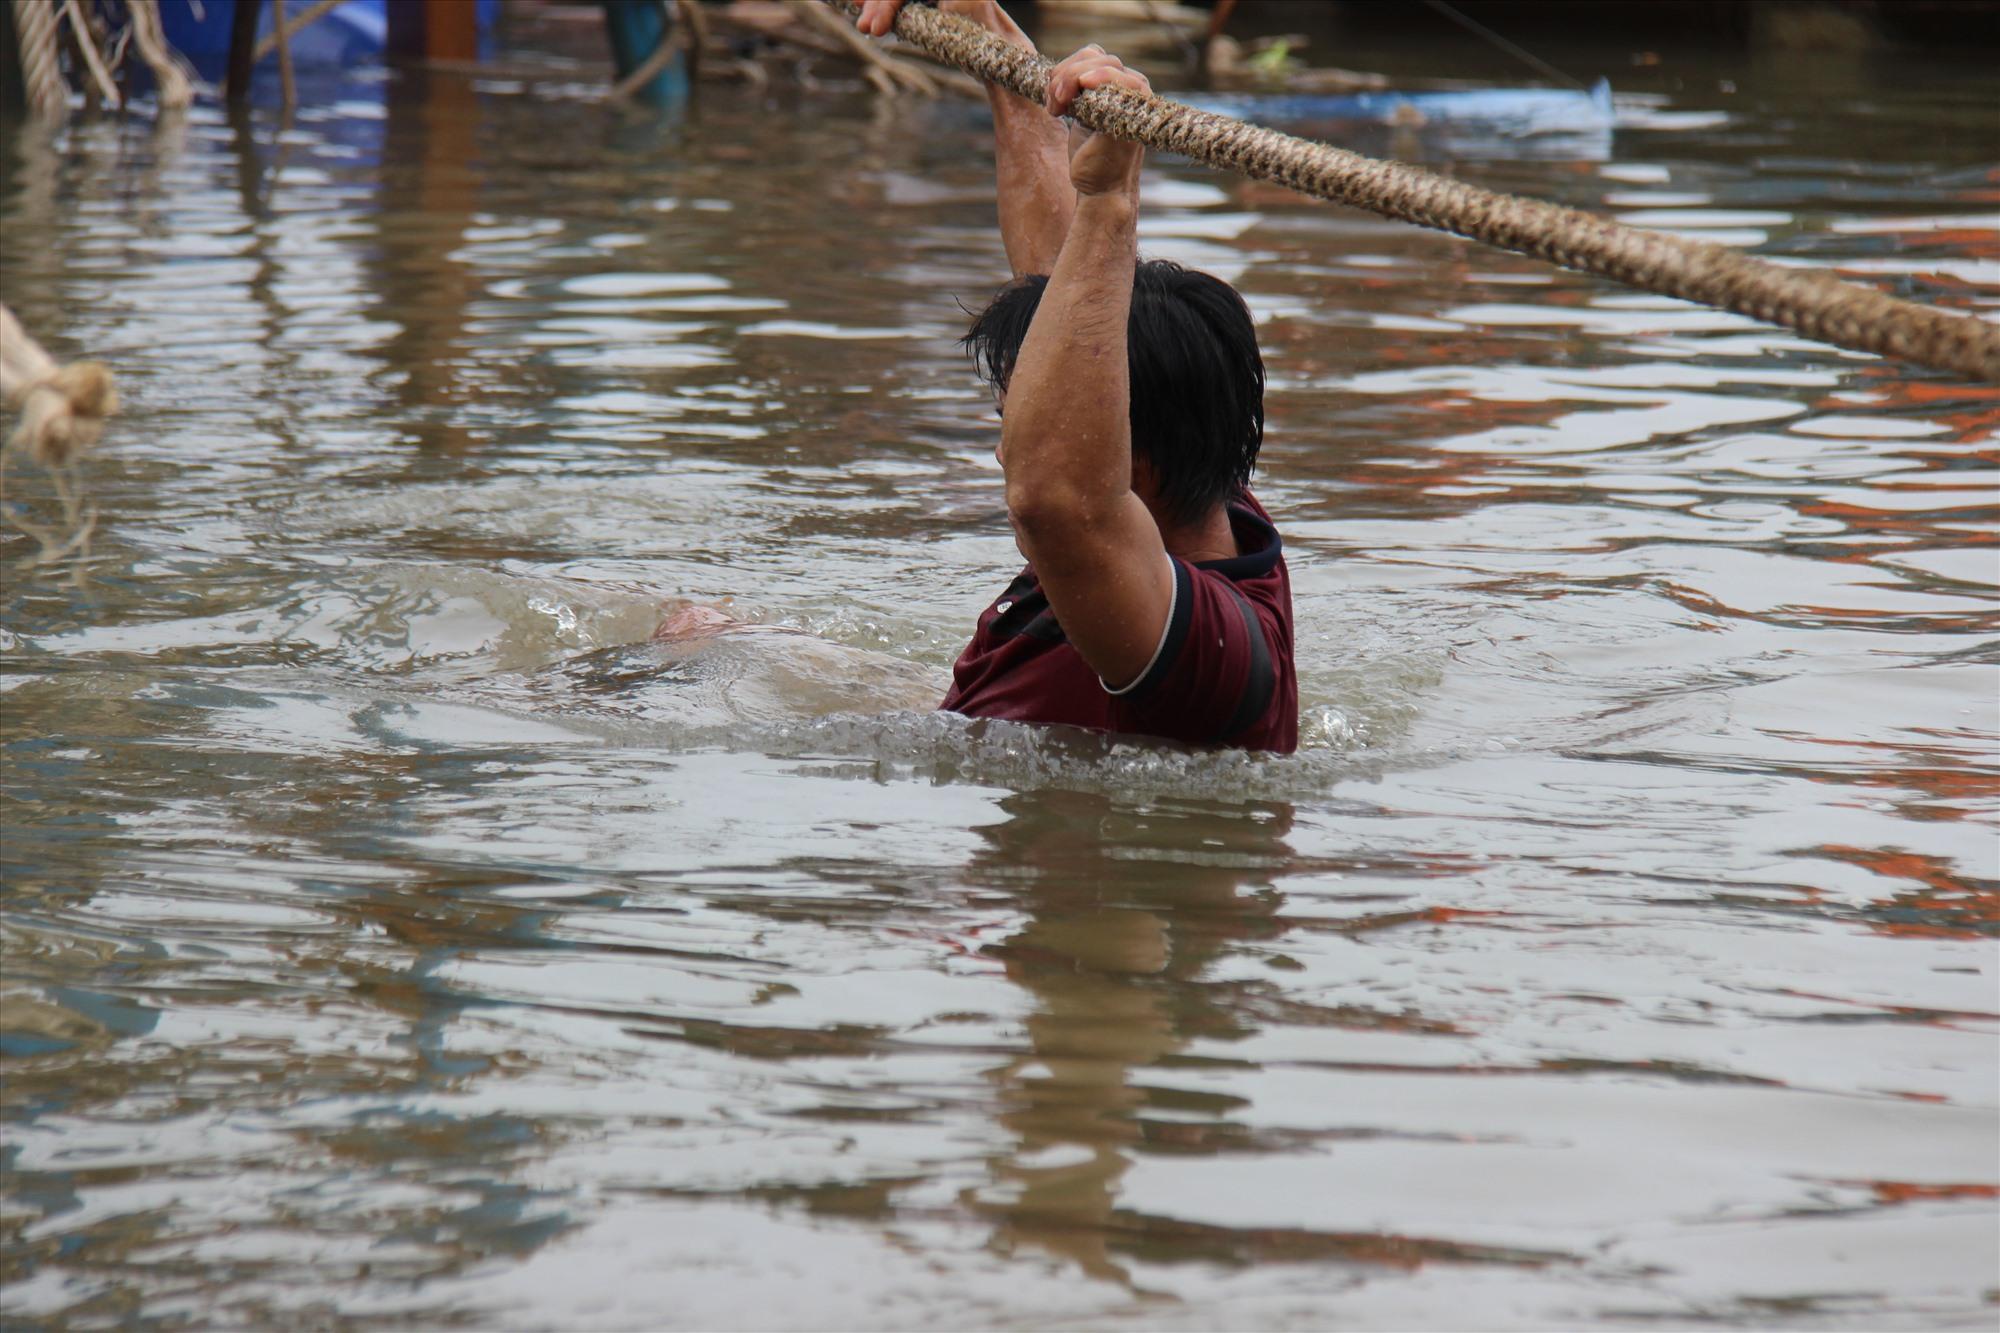 Nước sâu chảy xiết nên thợ lặn phải đu dây từ bờ ra thuyền đang bị chìm. Ảnh: HOÀI AN